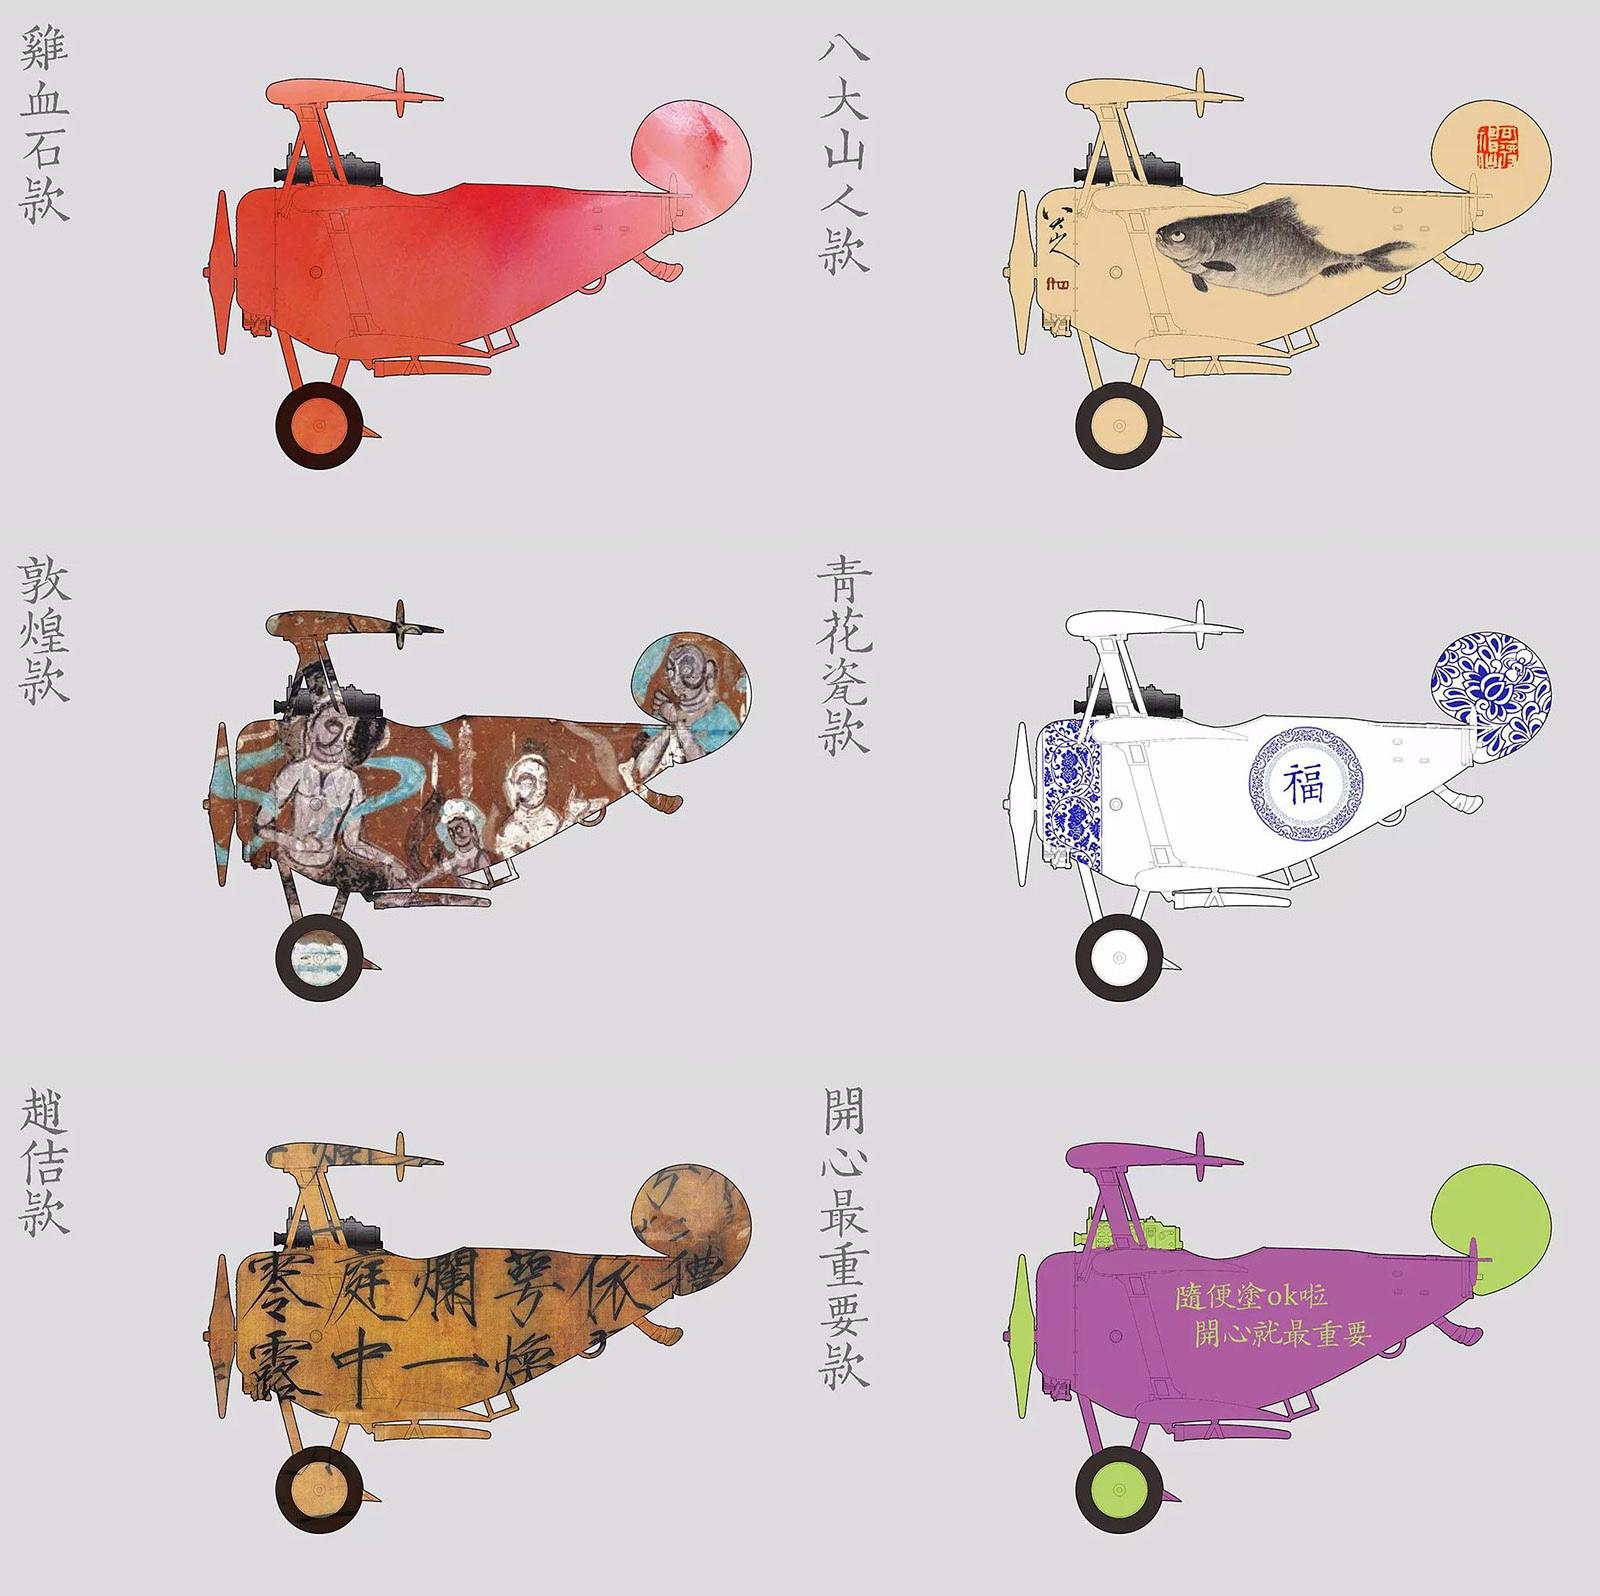 上海発、インディーズプラモメーカーの飛行機模型に痺れた話_b0029315_20240151.jpg